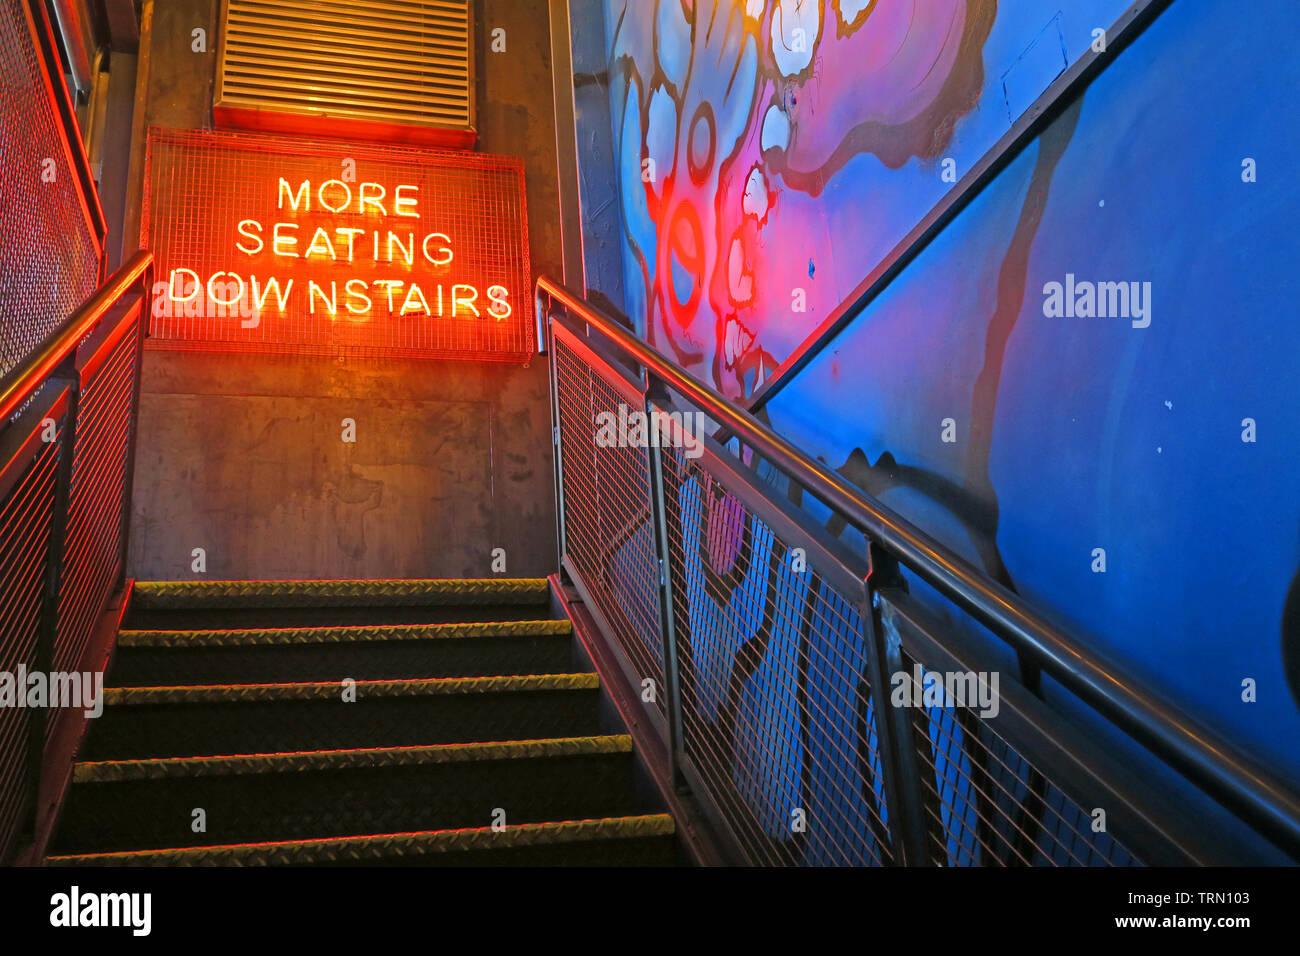 Dieses Stockfoto: Mehr Sitzplätze unten Rot Neon Sign, Brewdog Granary, Bar, 5-9 Union St, Aberdeen, Schottland, UK, AB11 5BU - TRN103